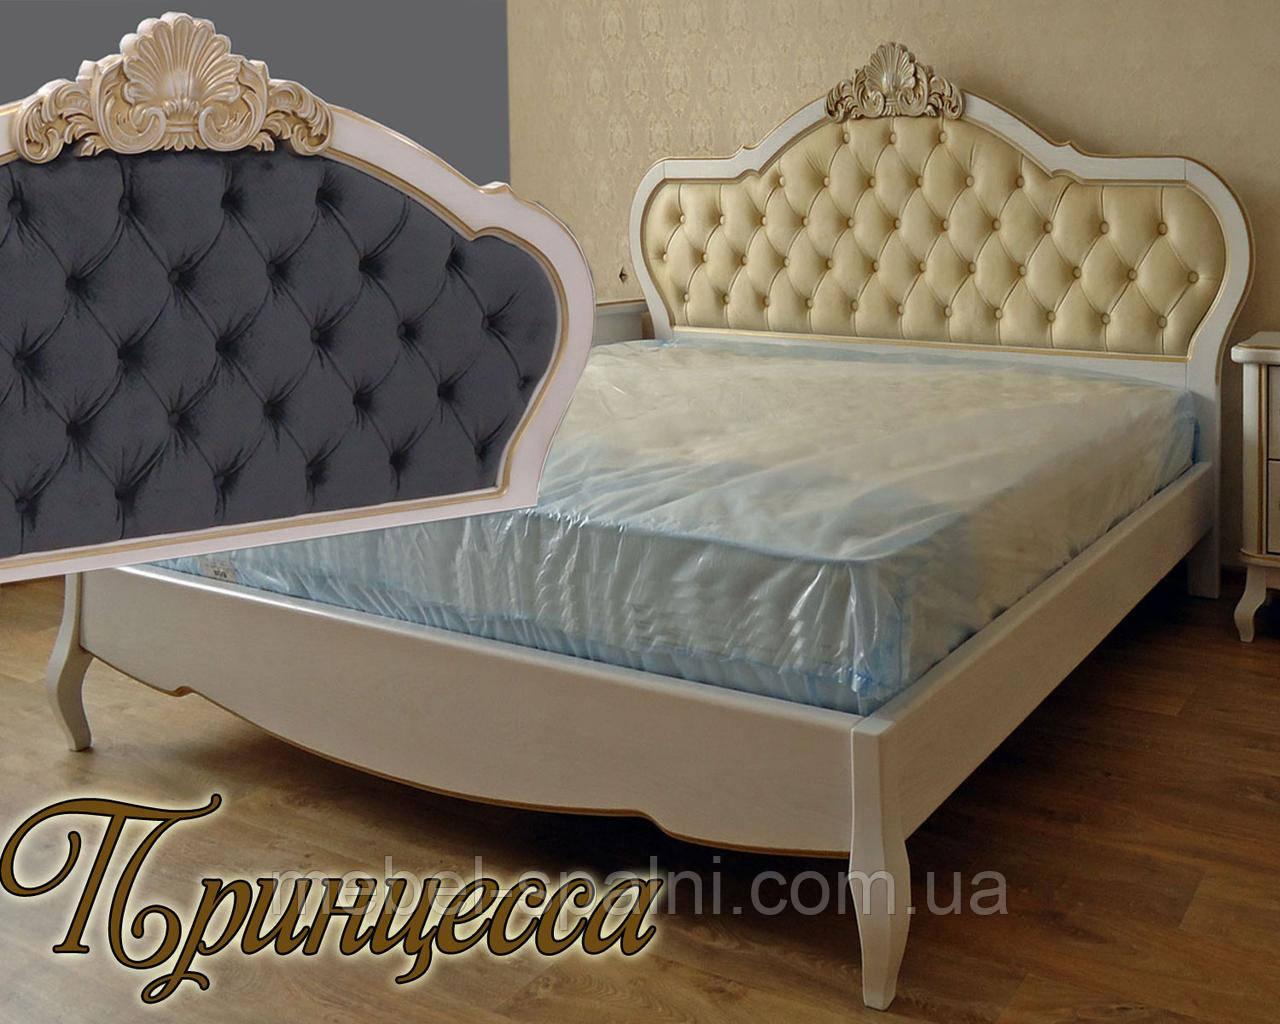 Кровать двуспальная «Принцесса»